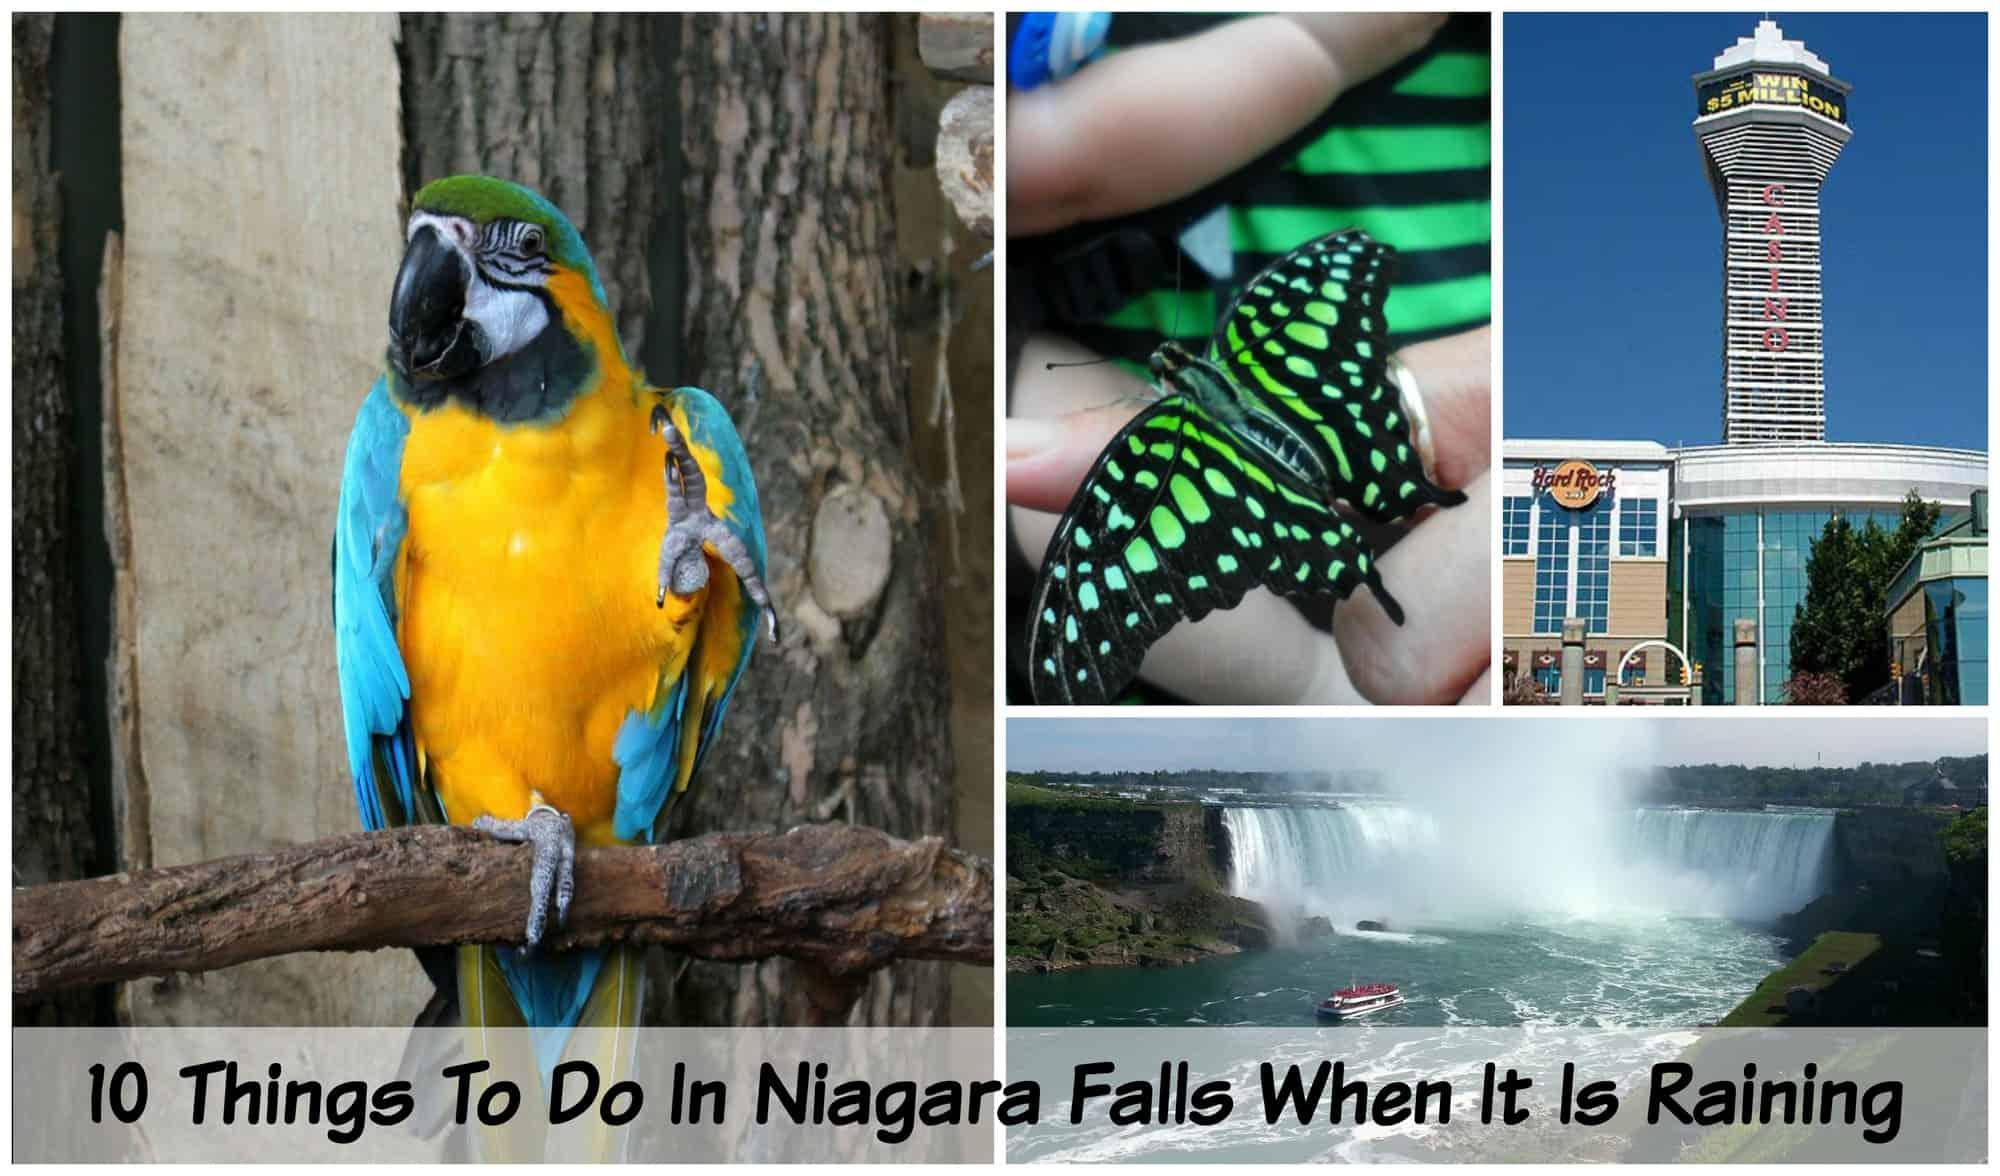 10 Things To Do In Niagara Falls When It Is Raining